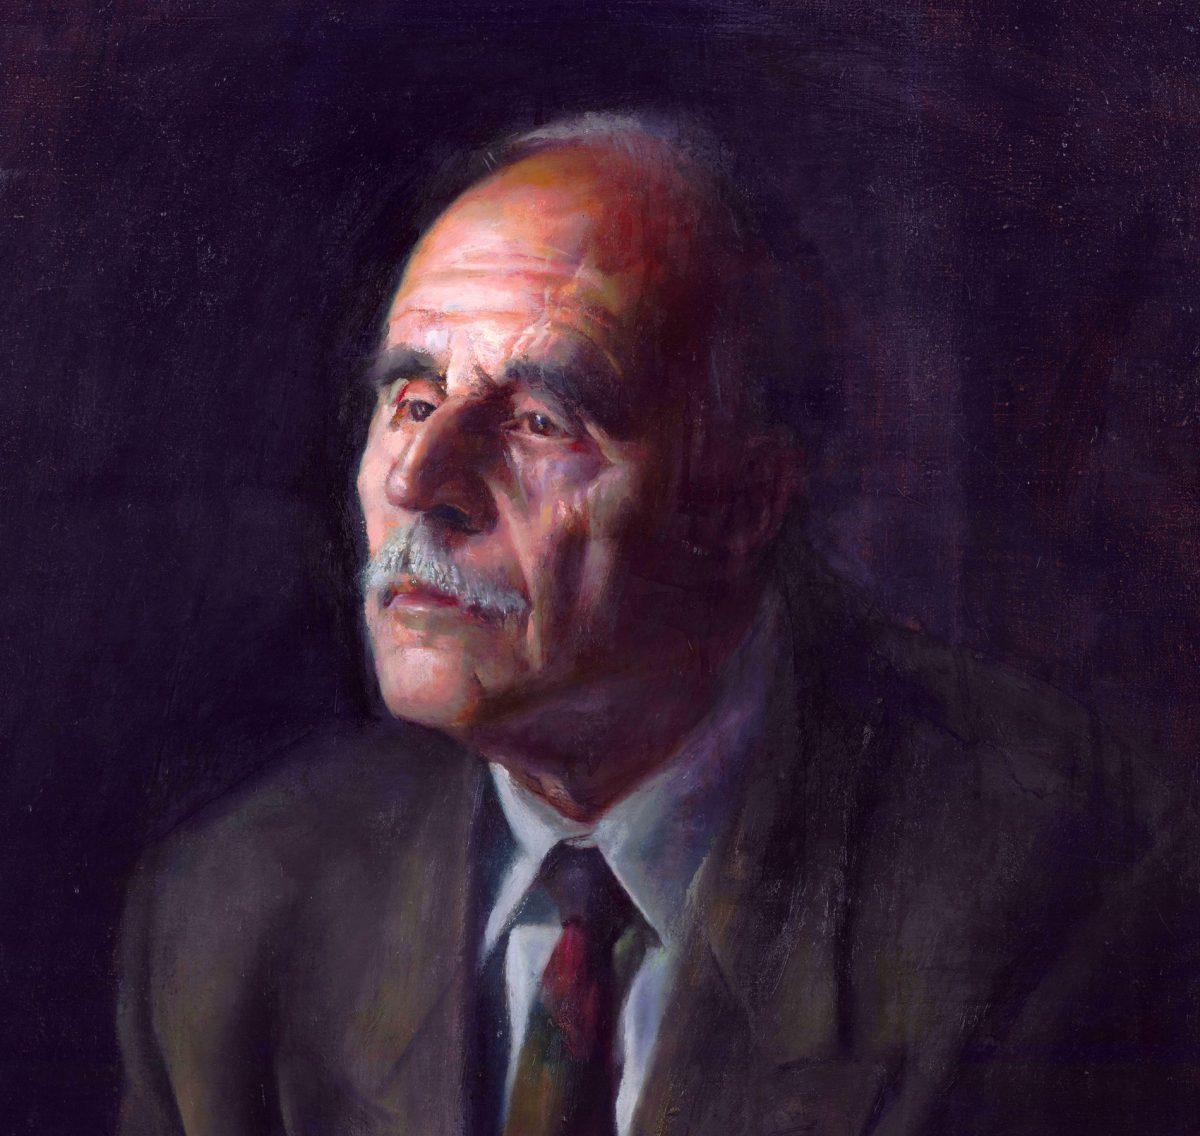 Γ. Δασκαλάκης, «Πορτραίτο Ντίνου Χριστιανόπουλου», λάδι (φωτ.: ΑΠΕ-ΜΠΕ / ΒΚΠ-ΑΠΘ).